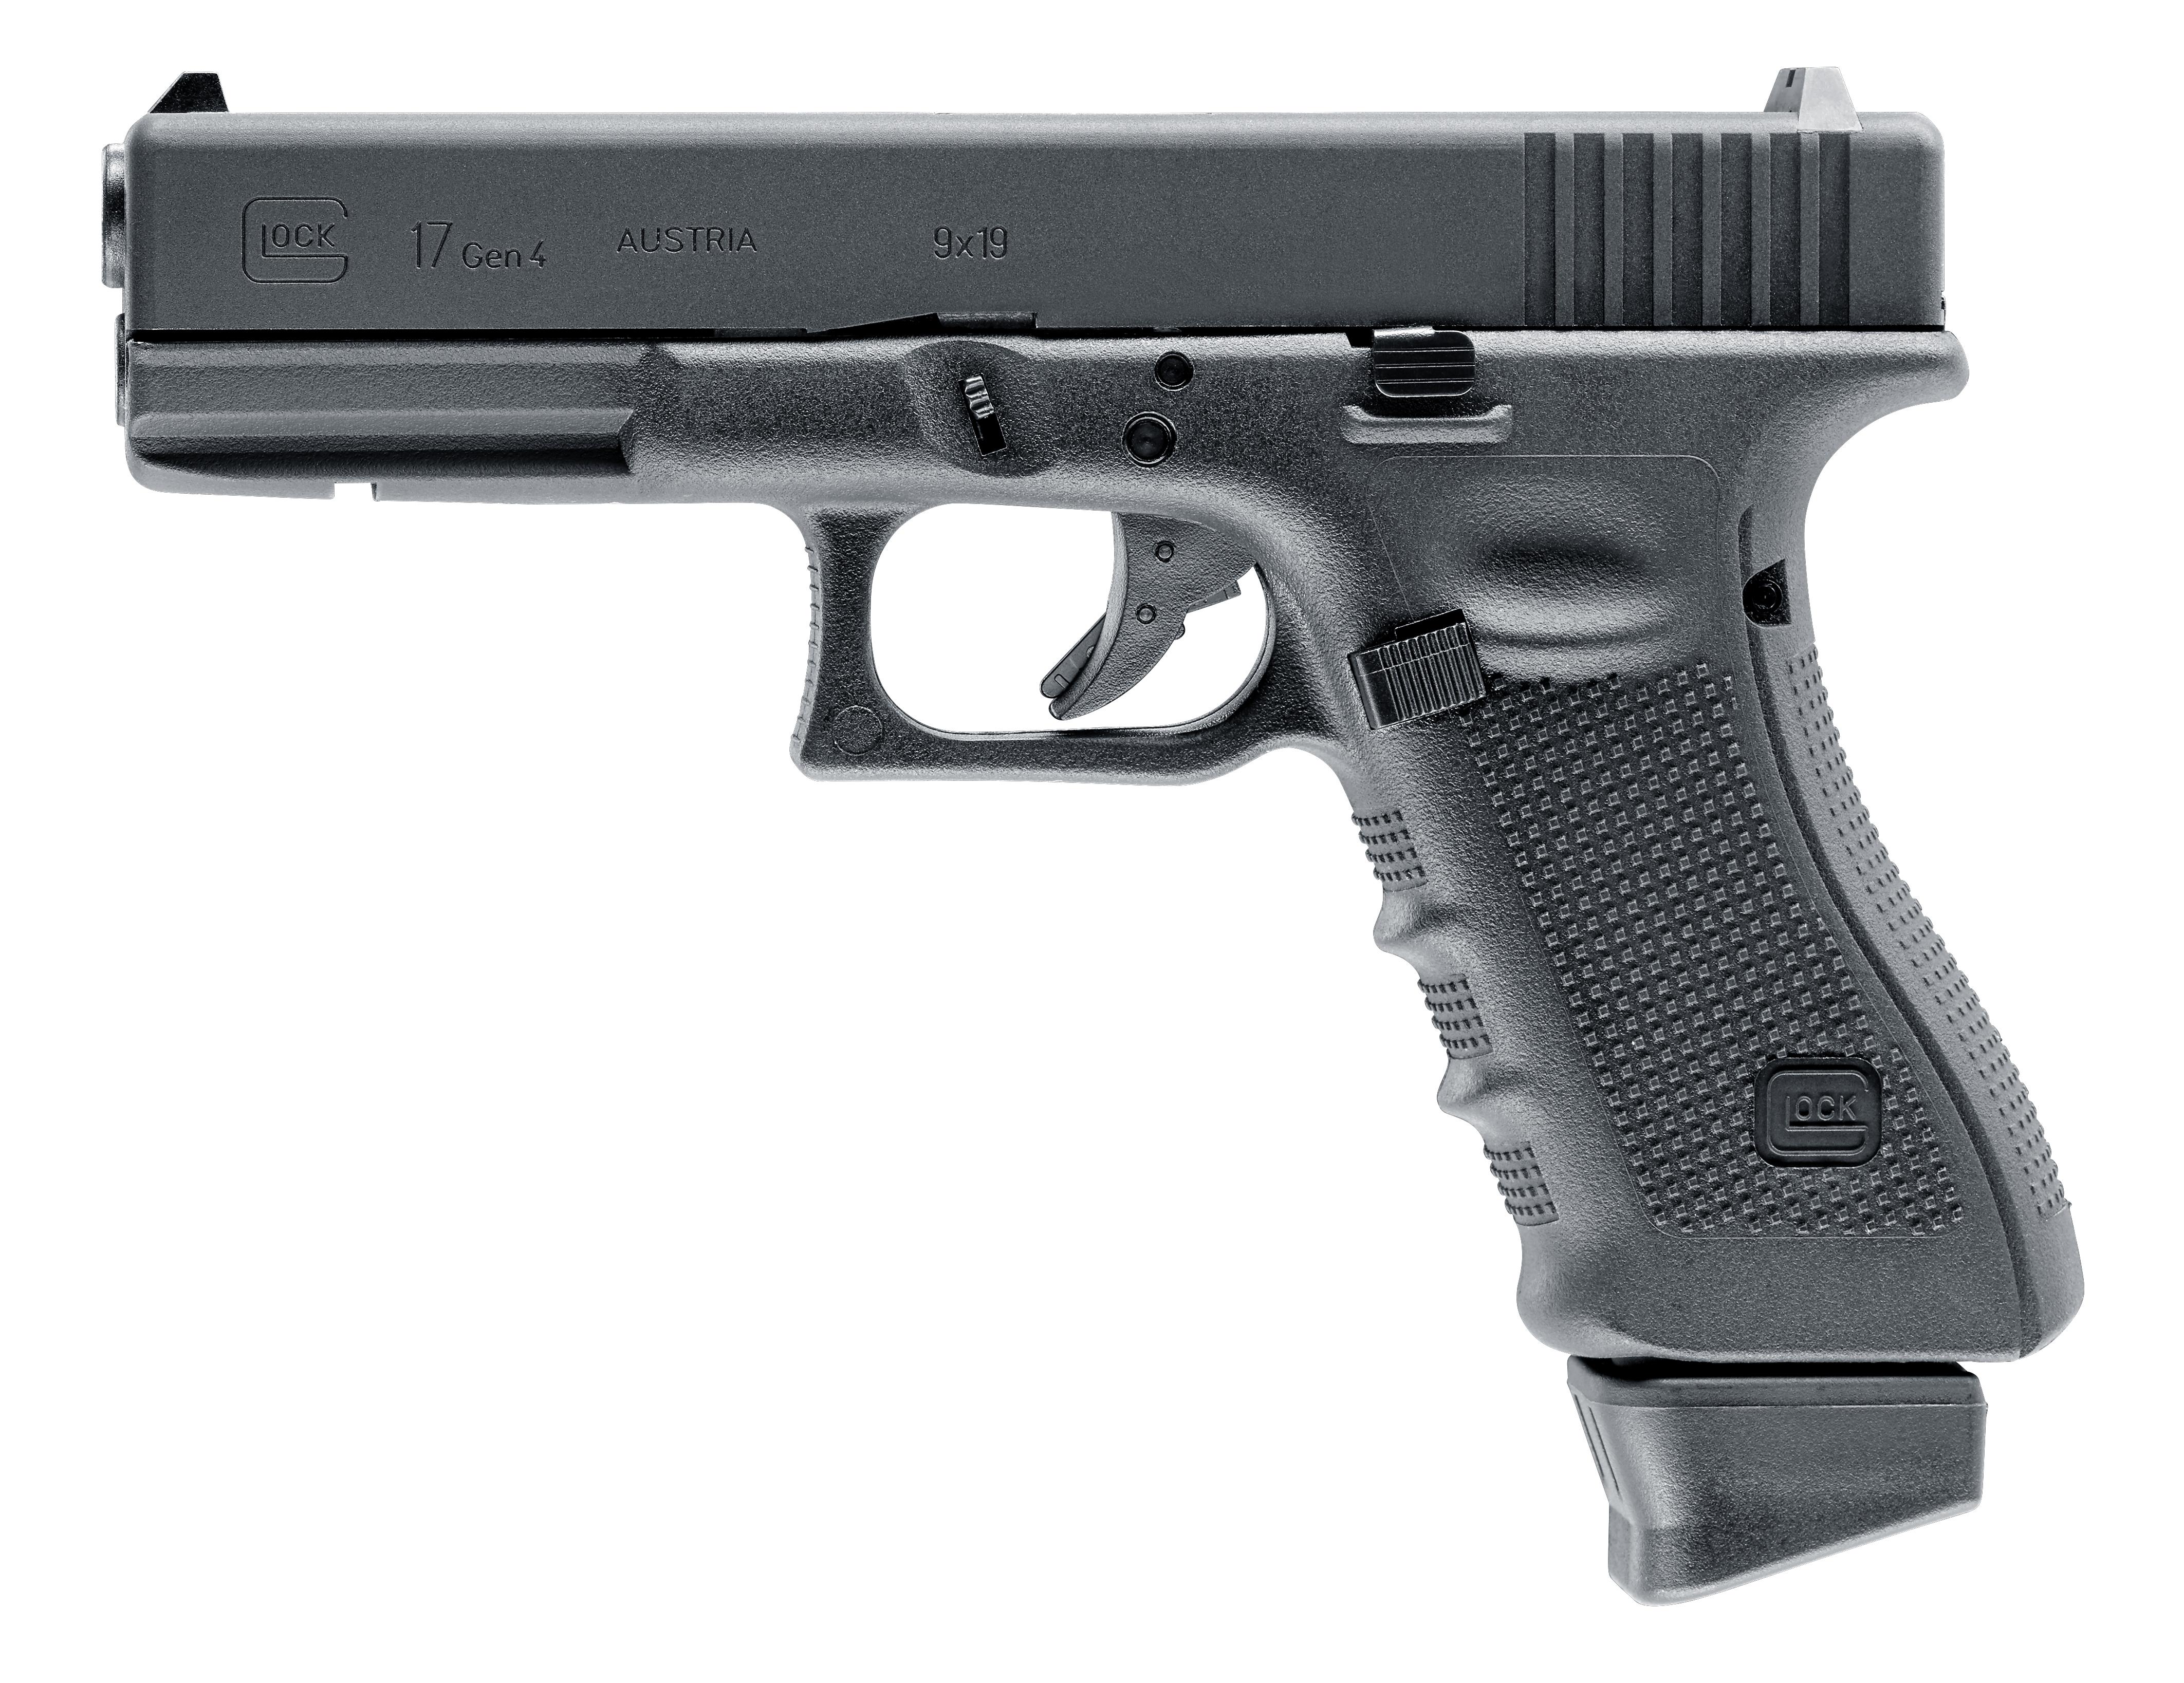 GLOCK (Umarex) Airsoft CO2 Glock 17 Gen4 1.0J